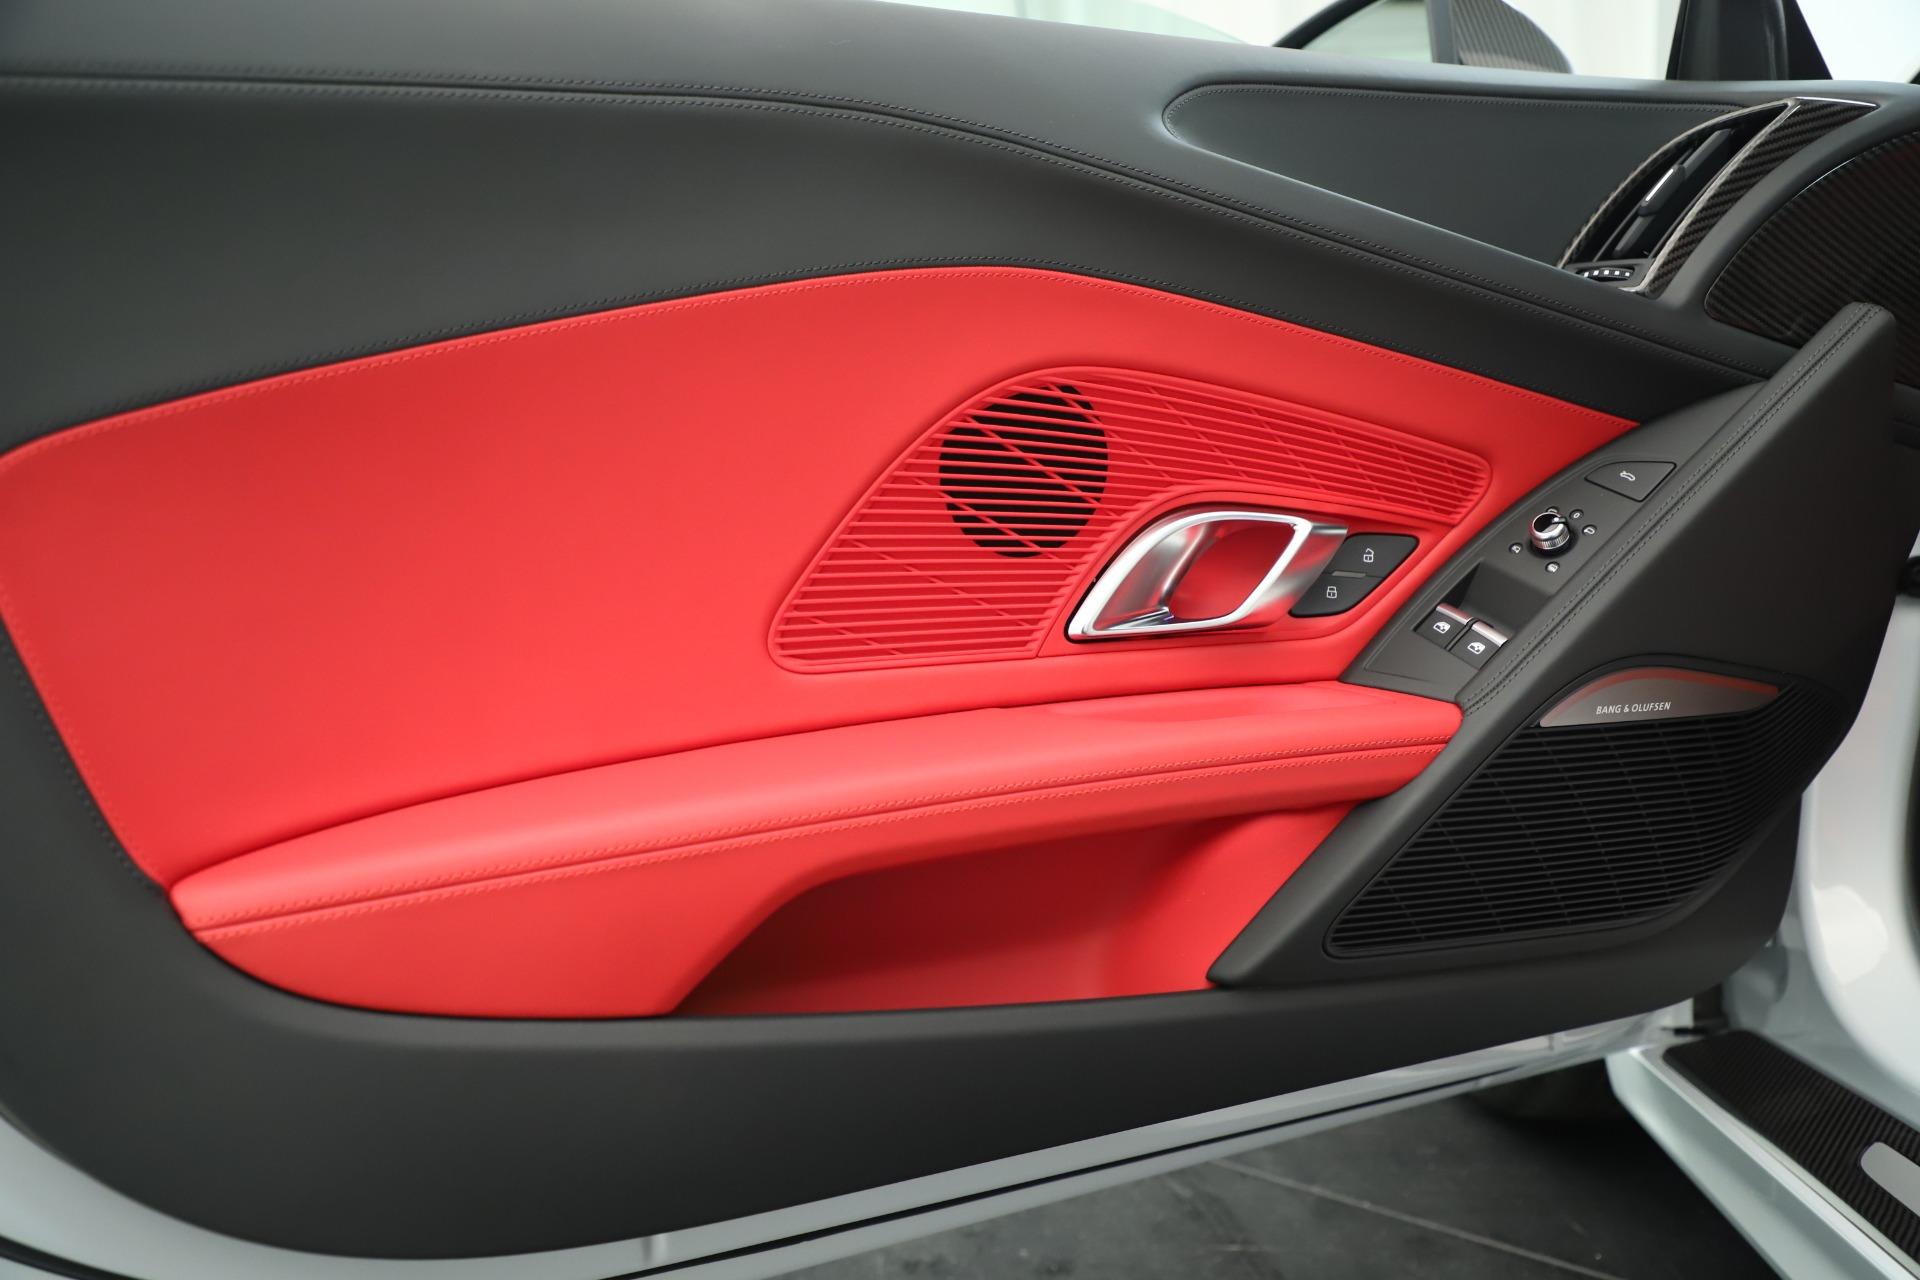 Used 2018 Audi R8 5.2 quattro V10 Plus For Sale In Greenwich, CT. Alfa Romeo of Greenwich, 7615 3360_p17